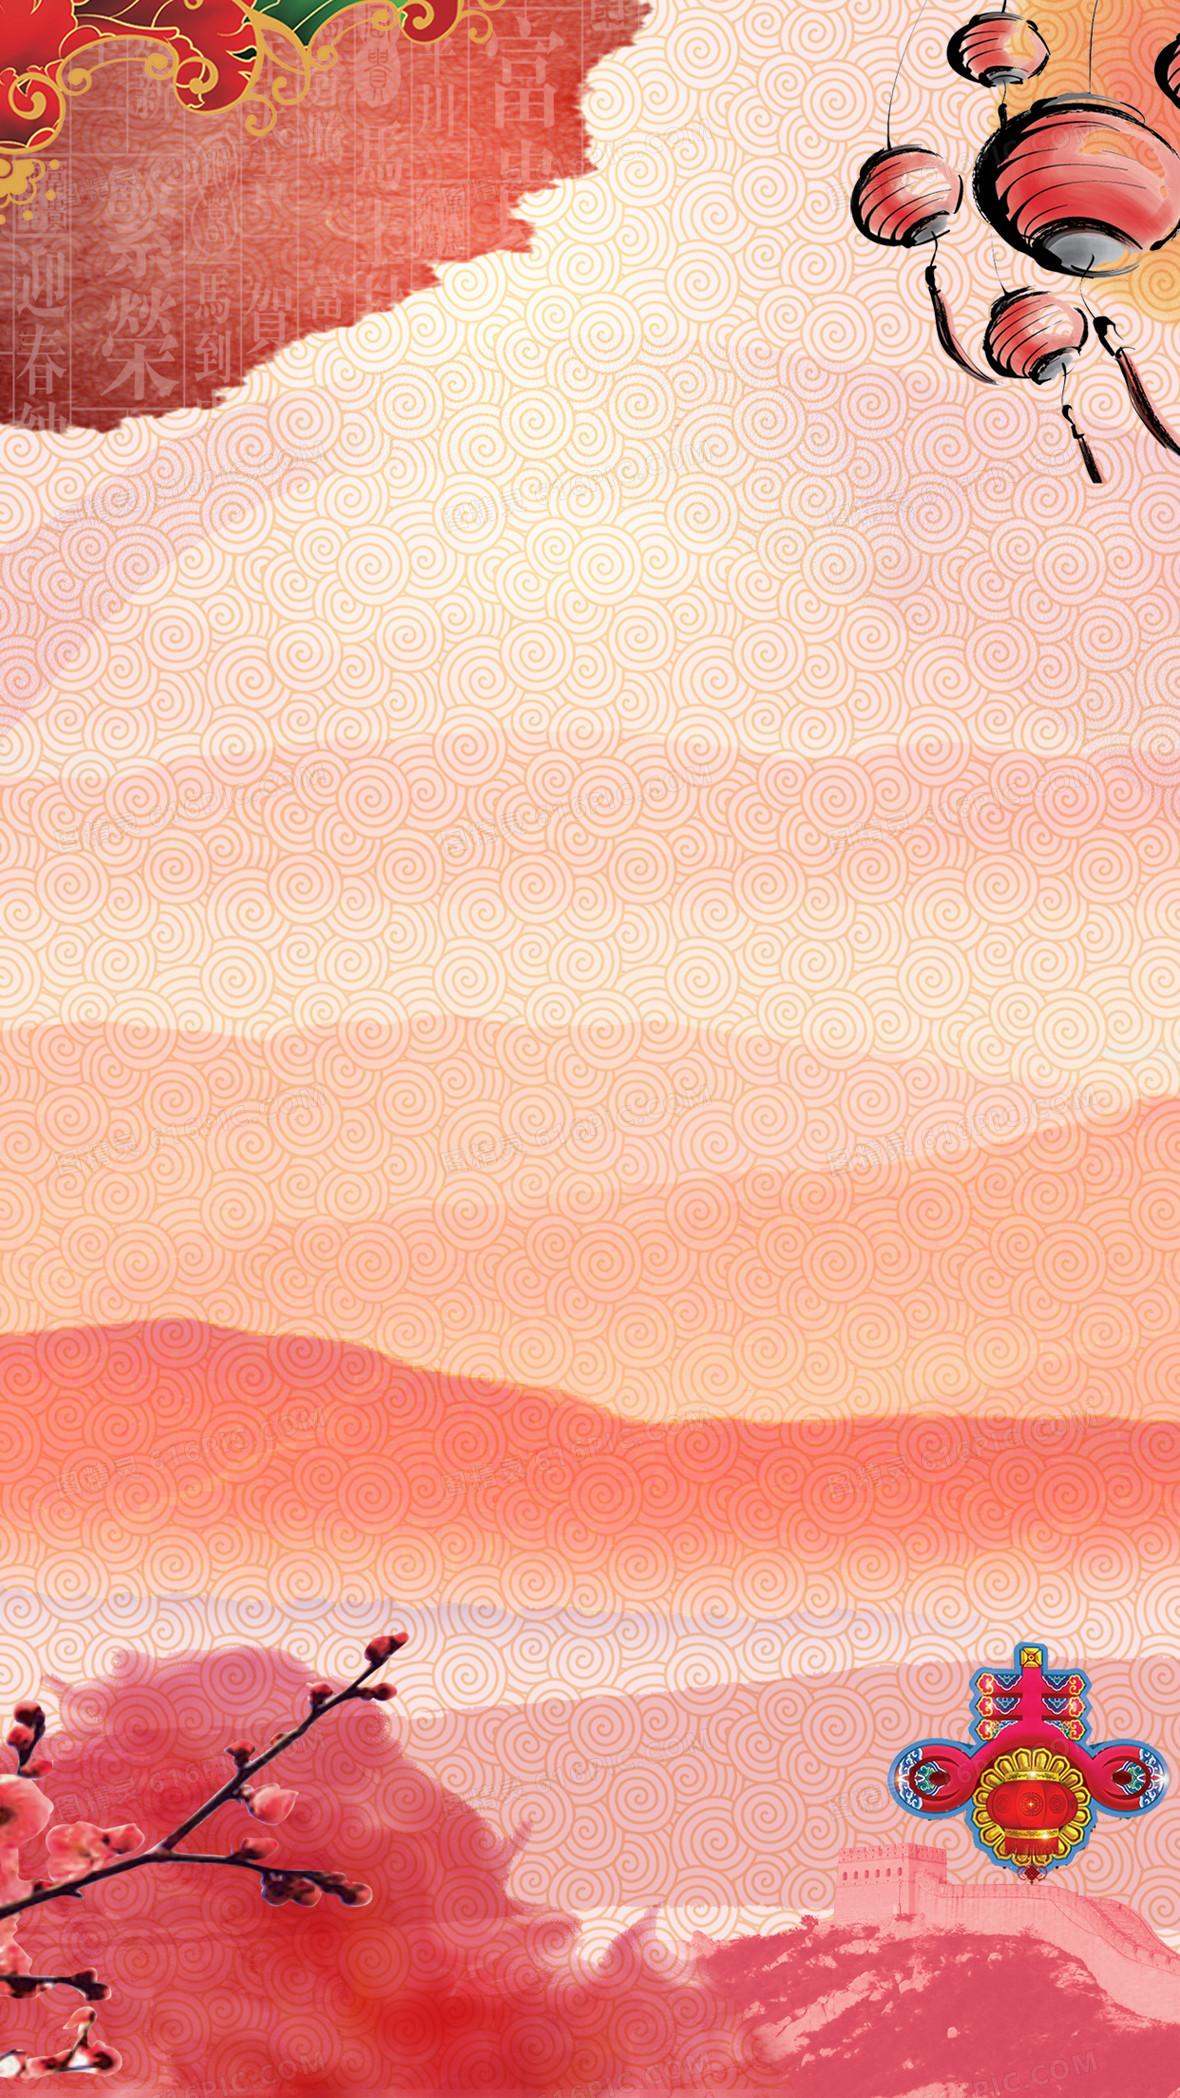 春节红色中国风h5海报背景psd分层素材